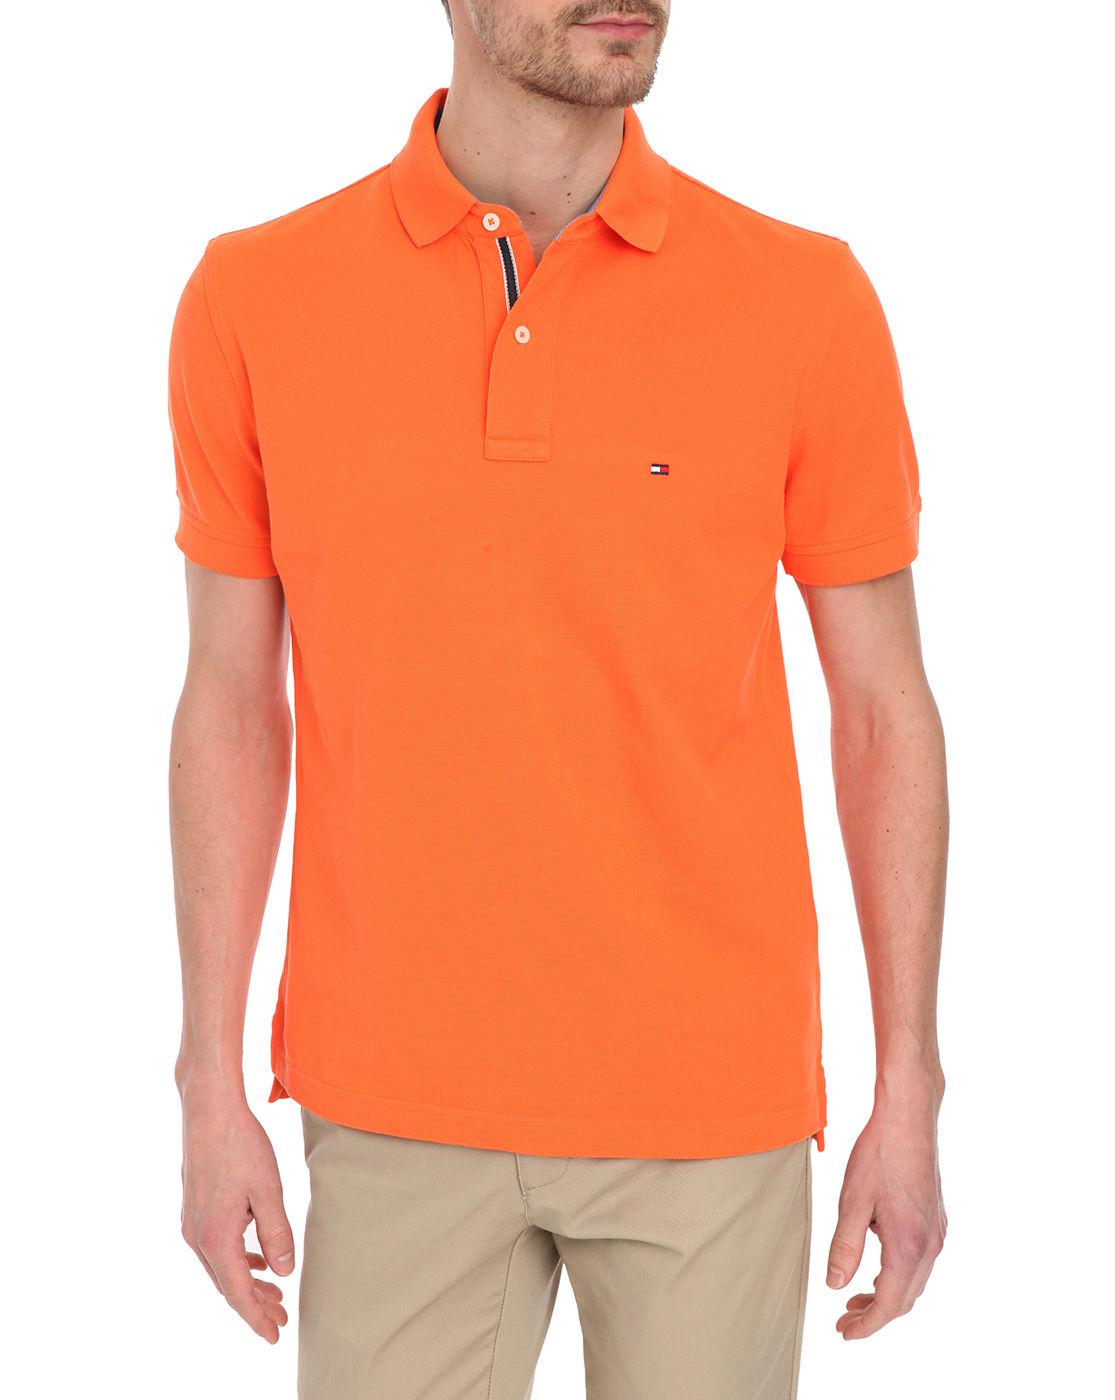 tommy hilfiger orange classic flag polo shirt in orange for men lyst. Black Bedroom Furniture Sets. Home Design Ideas